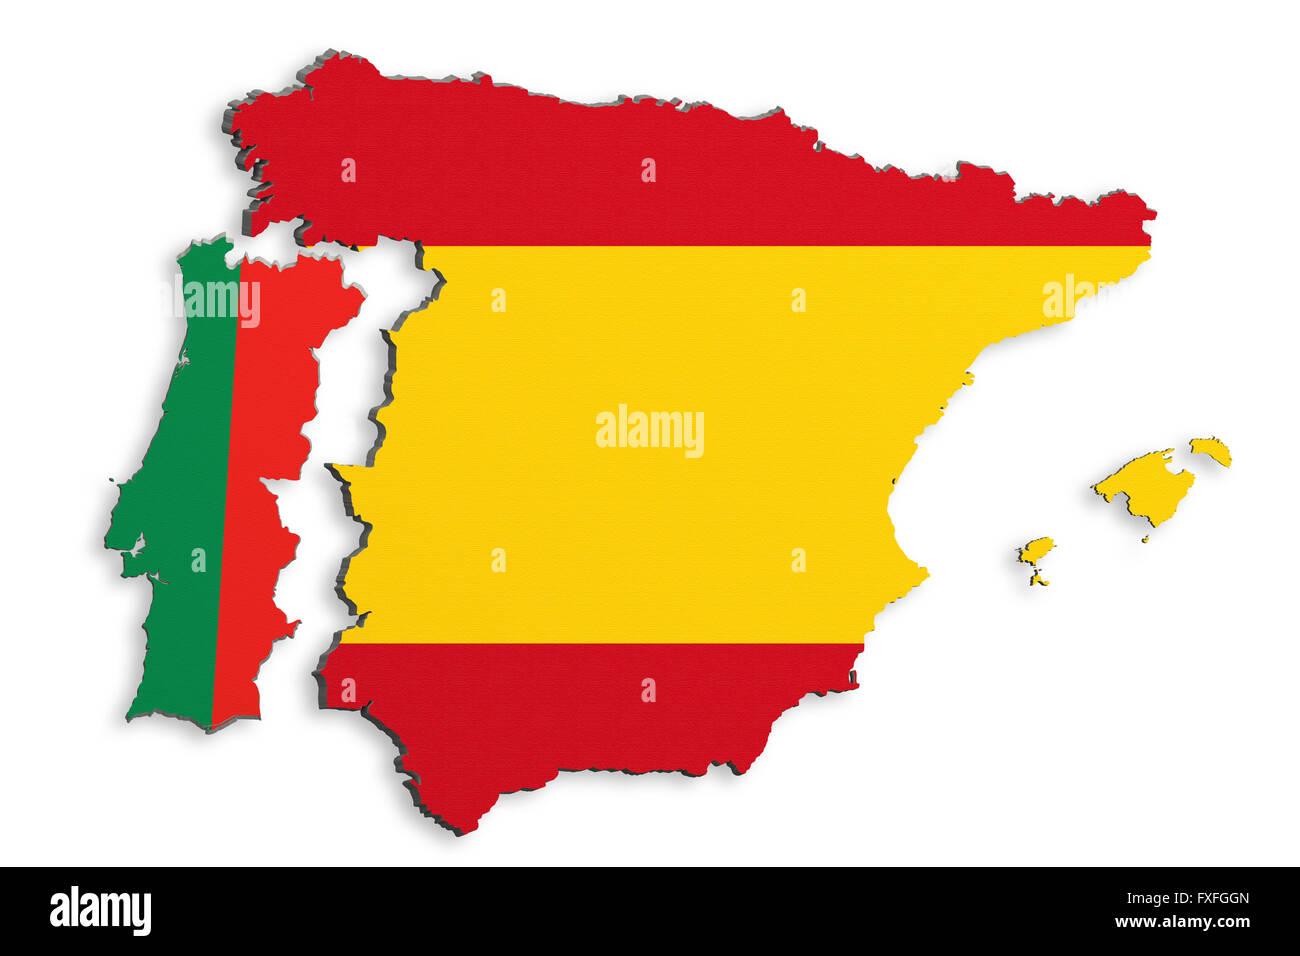 Portogallo Spagna Cartina.3d Rendering Di Luminoso Colorato Della Penisola Iberica Mappa Isolato Nel Muro Bianco Con La Spagna E Il Portogallo Flag Foto Stock Alamy